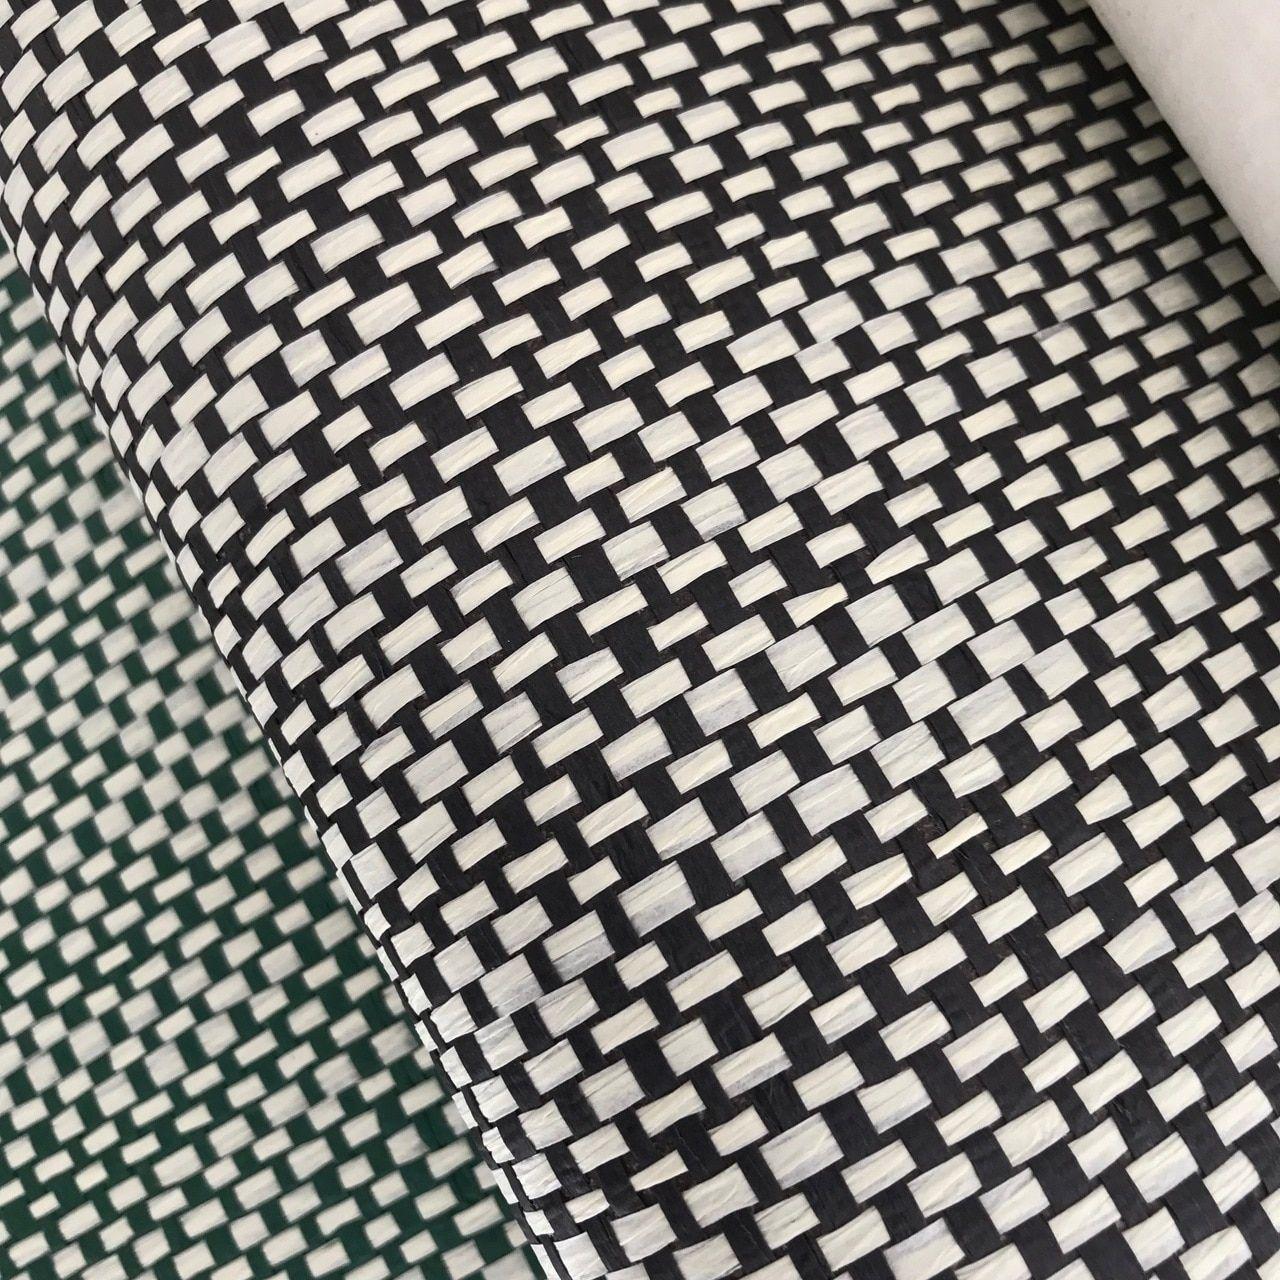 Wicker weave black Wicker, Grasscloth wallpaper, Weaving